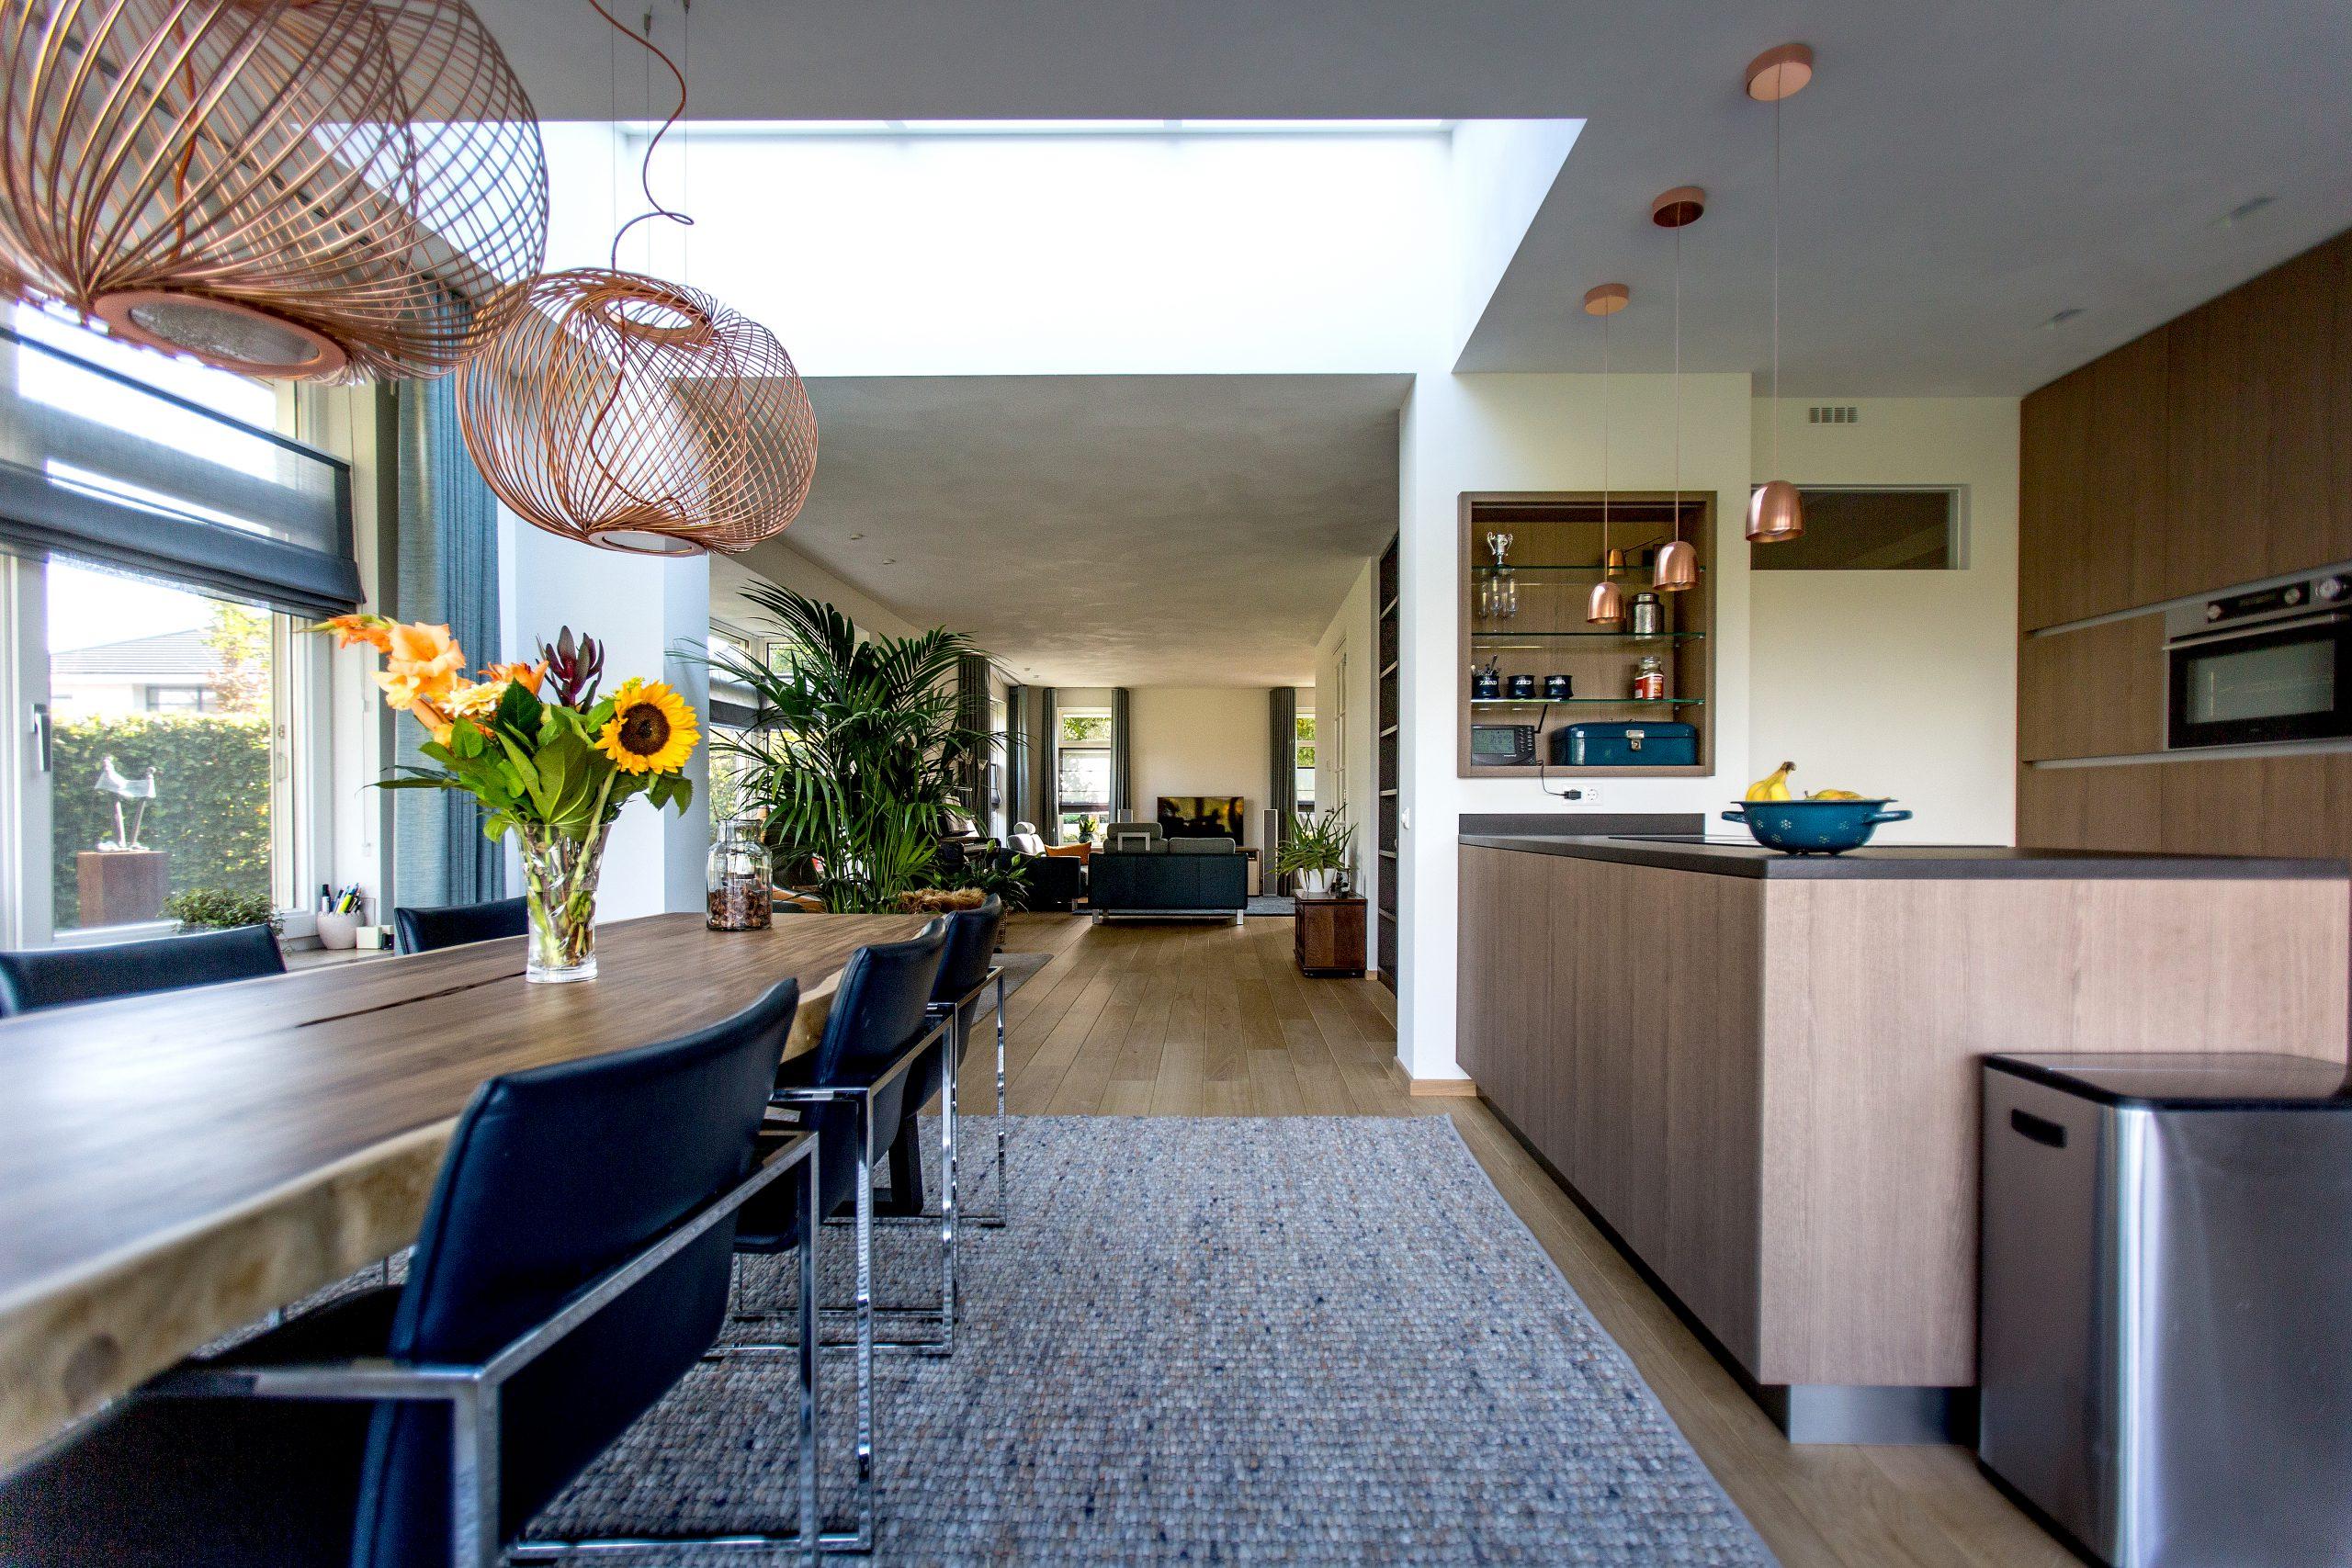 Aanbouw met mooi gebruik tussenruimte